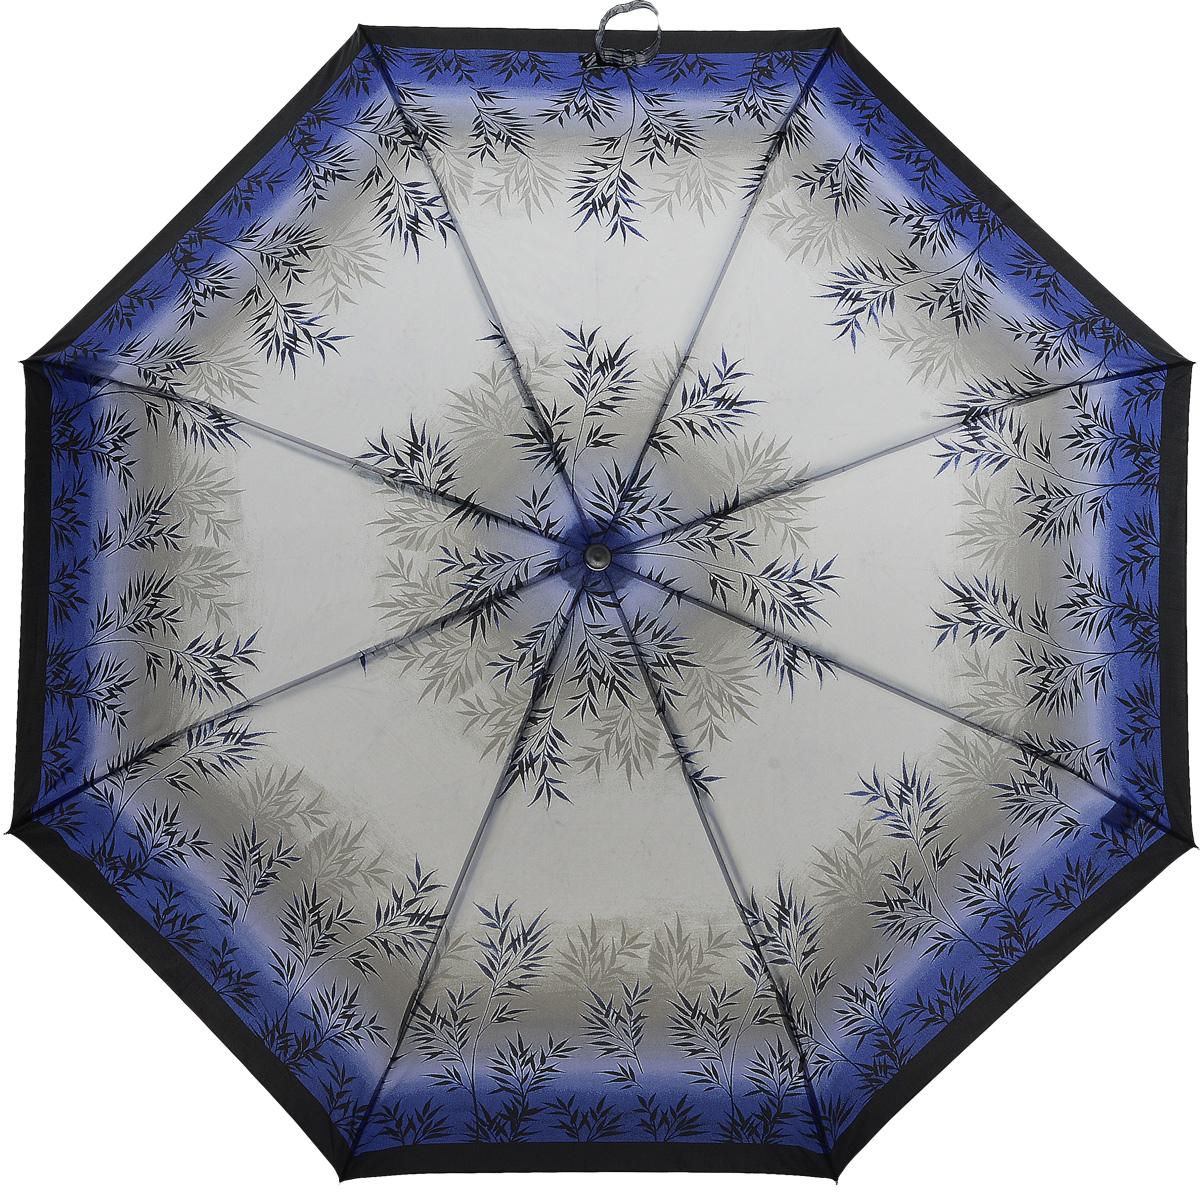 Зонт женский Prize, механический, 3 сложения, цвет: синий, слоновая кость. 355-148Браслет с подвескамиКлассический женский зонт в 3 сложения с механической системой открытия и закрытия. Удобная ручка выполнена из пластика. Модель зонта выполнена в стандартном размере. Данная модель пердставляет собой эконом класс.